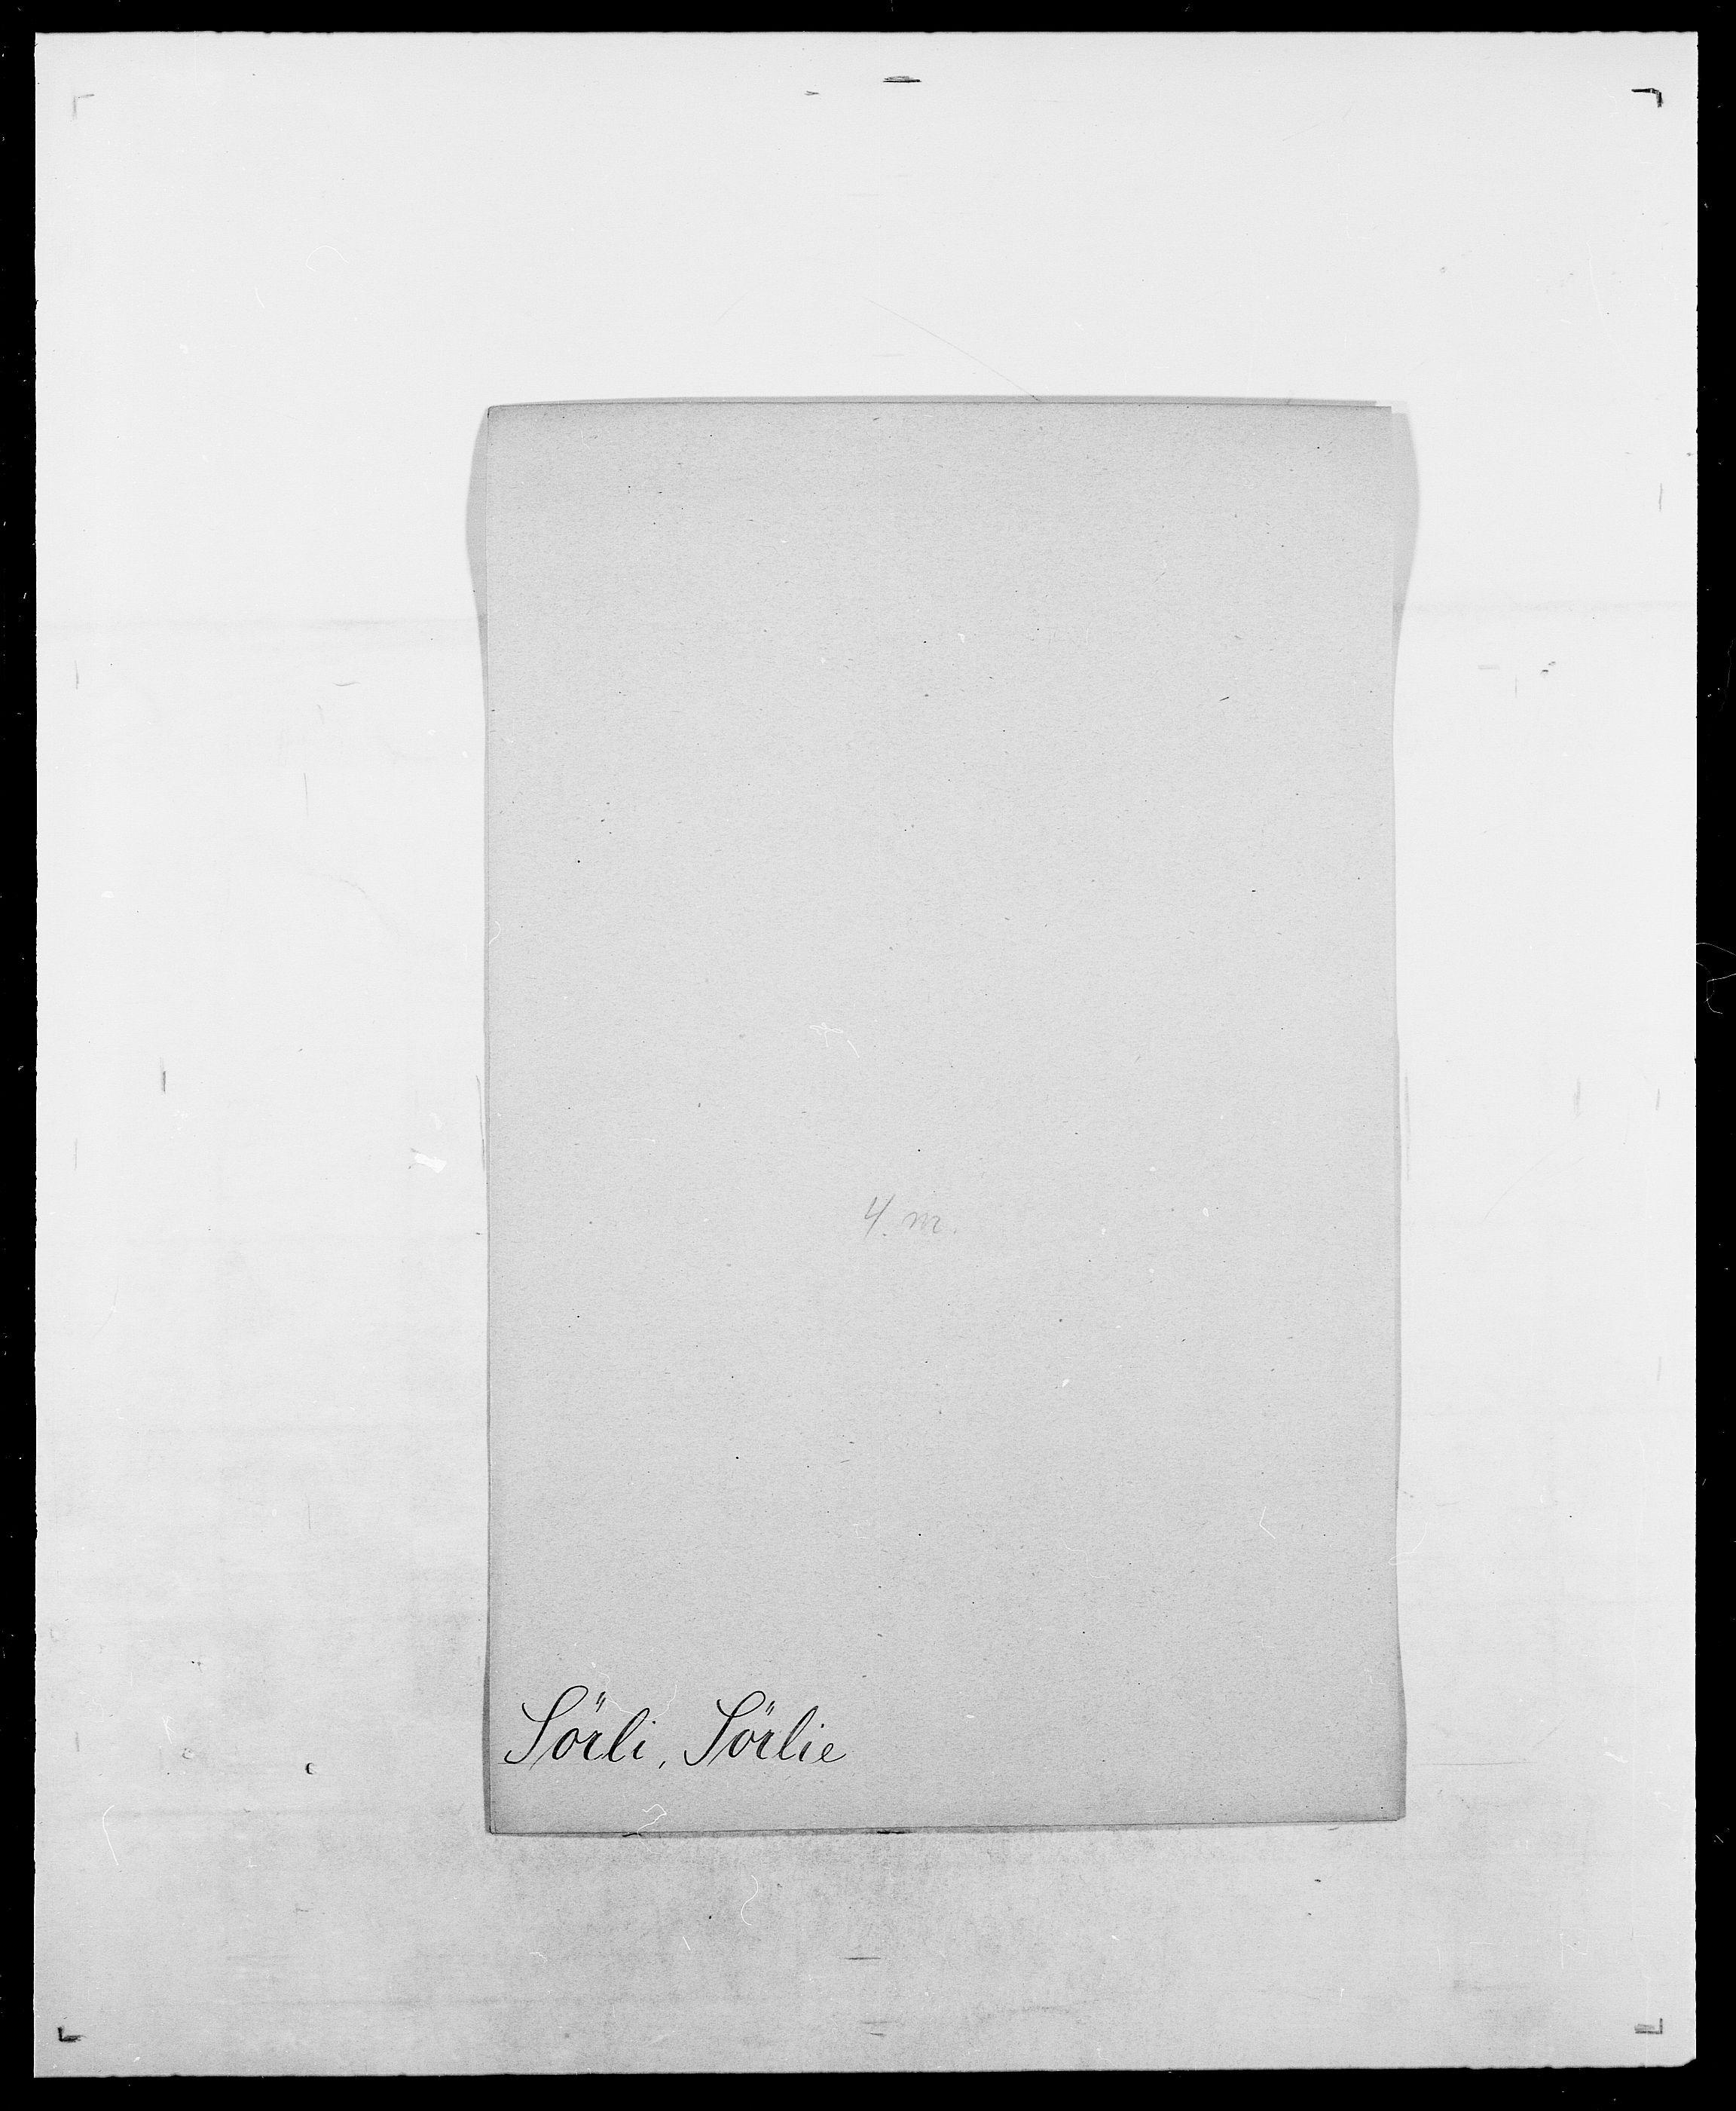 SAO, Delgobe, Charles Antoine - samling, D/Da/L0038: Svanenskjold - Thornsohn, s. 239